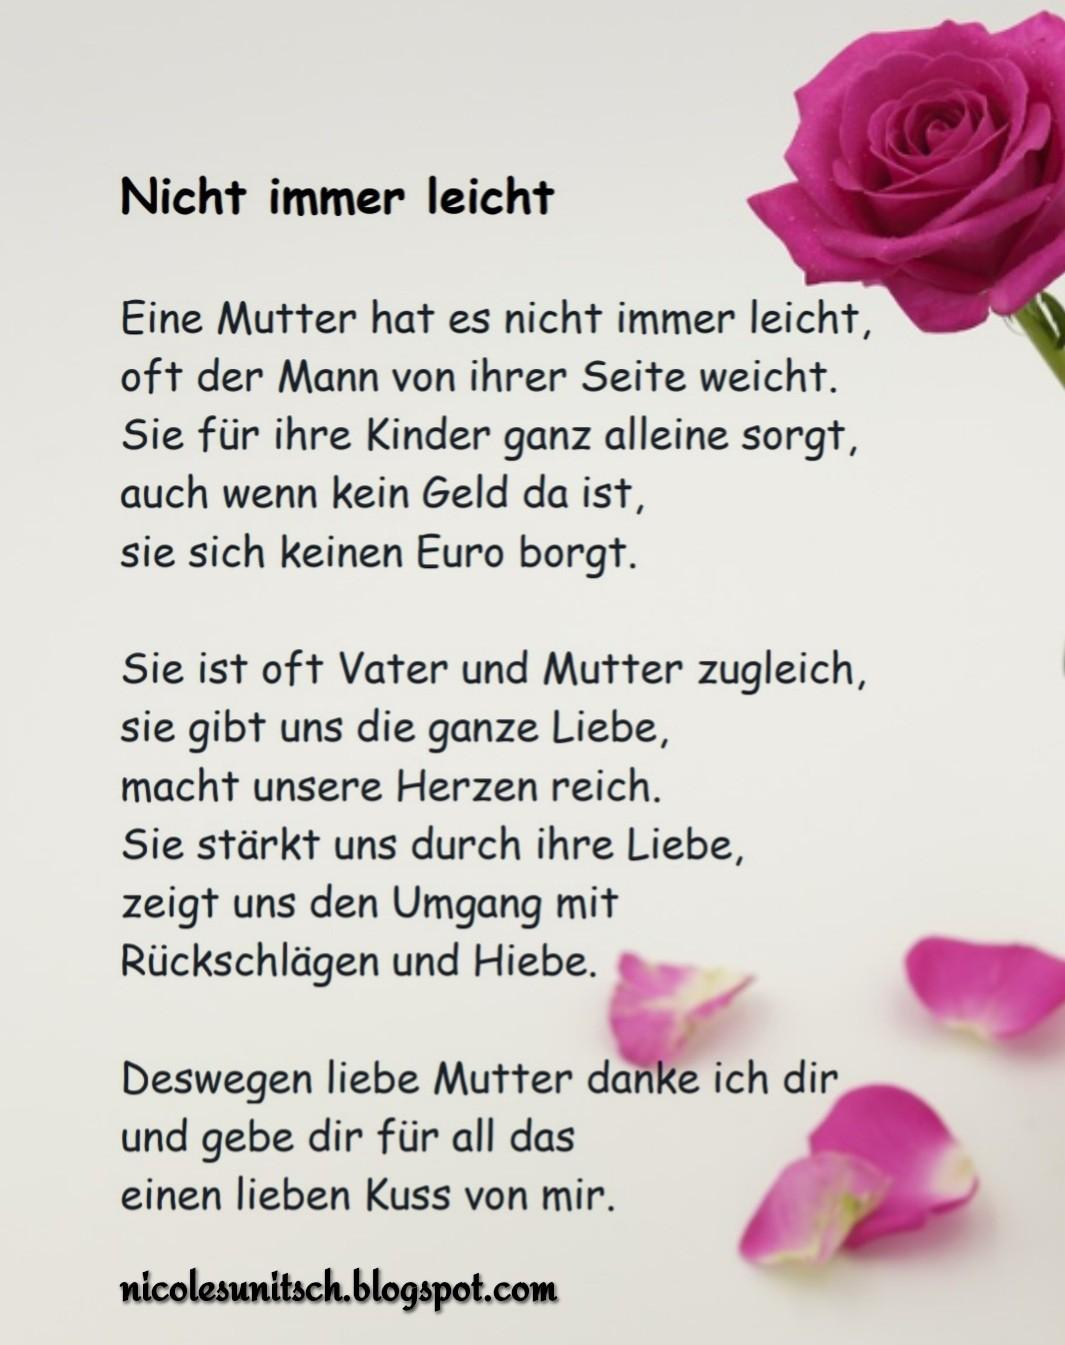 Gedichte Von Nicole Sunitsch Autorin Nicht Immer Leicht